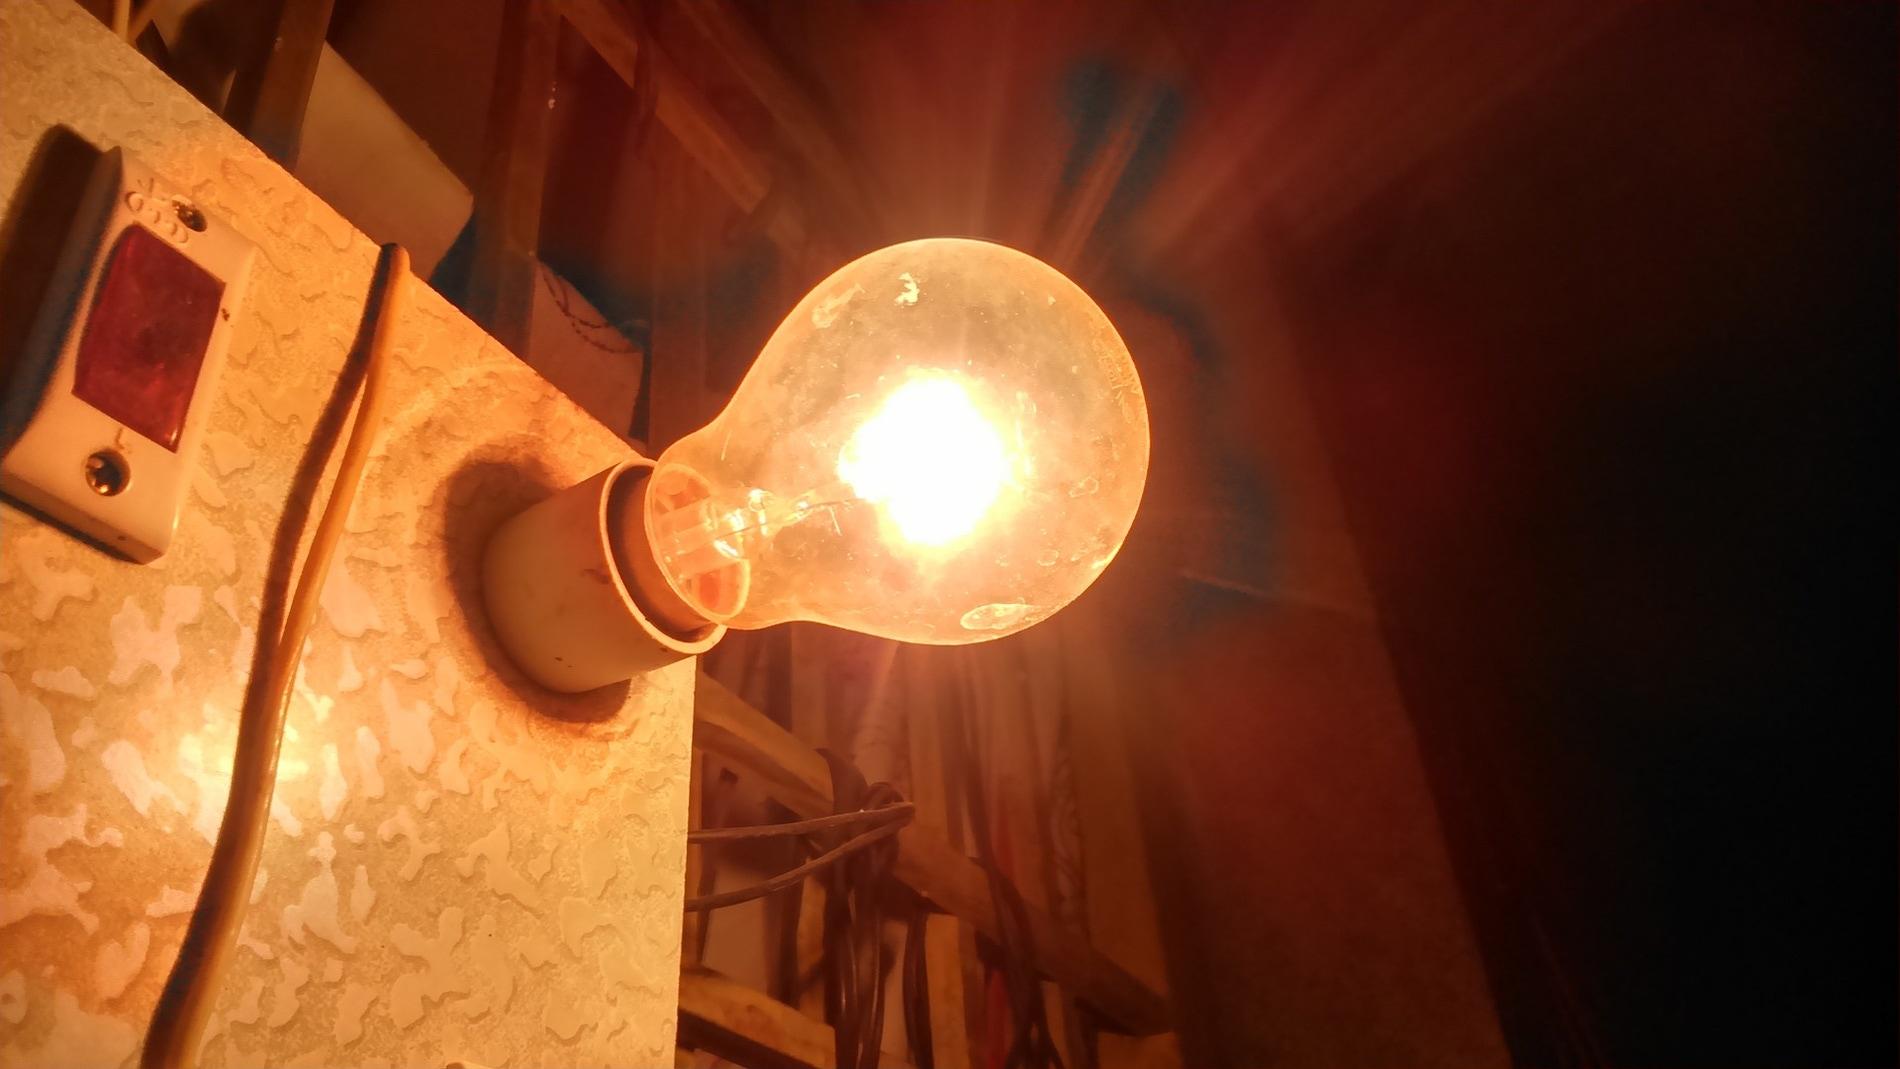 Un estudio concluye que la pobreza energetica empeora la salud